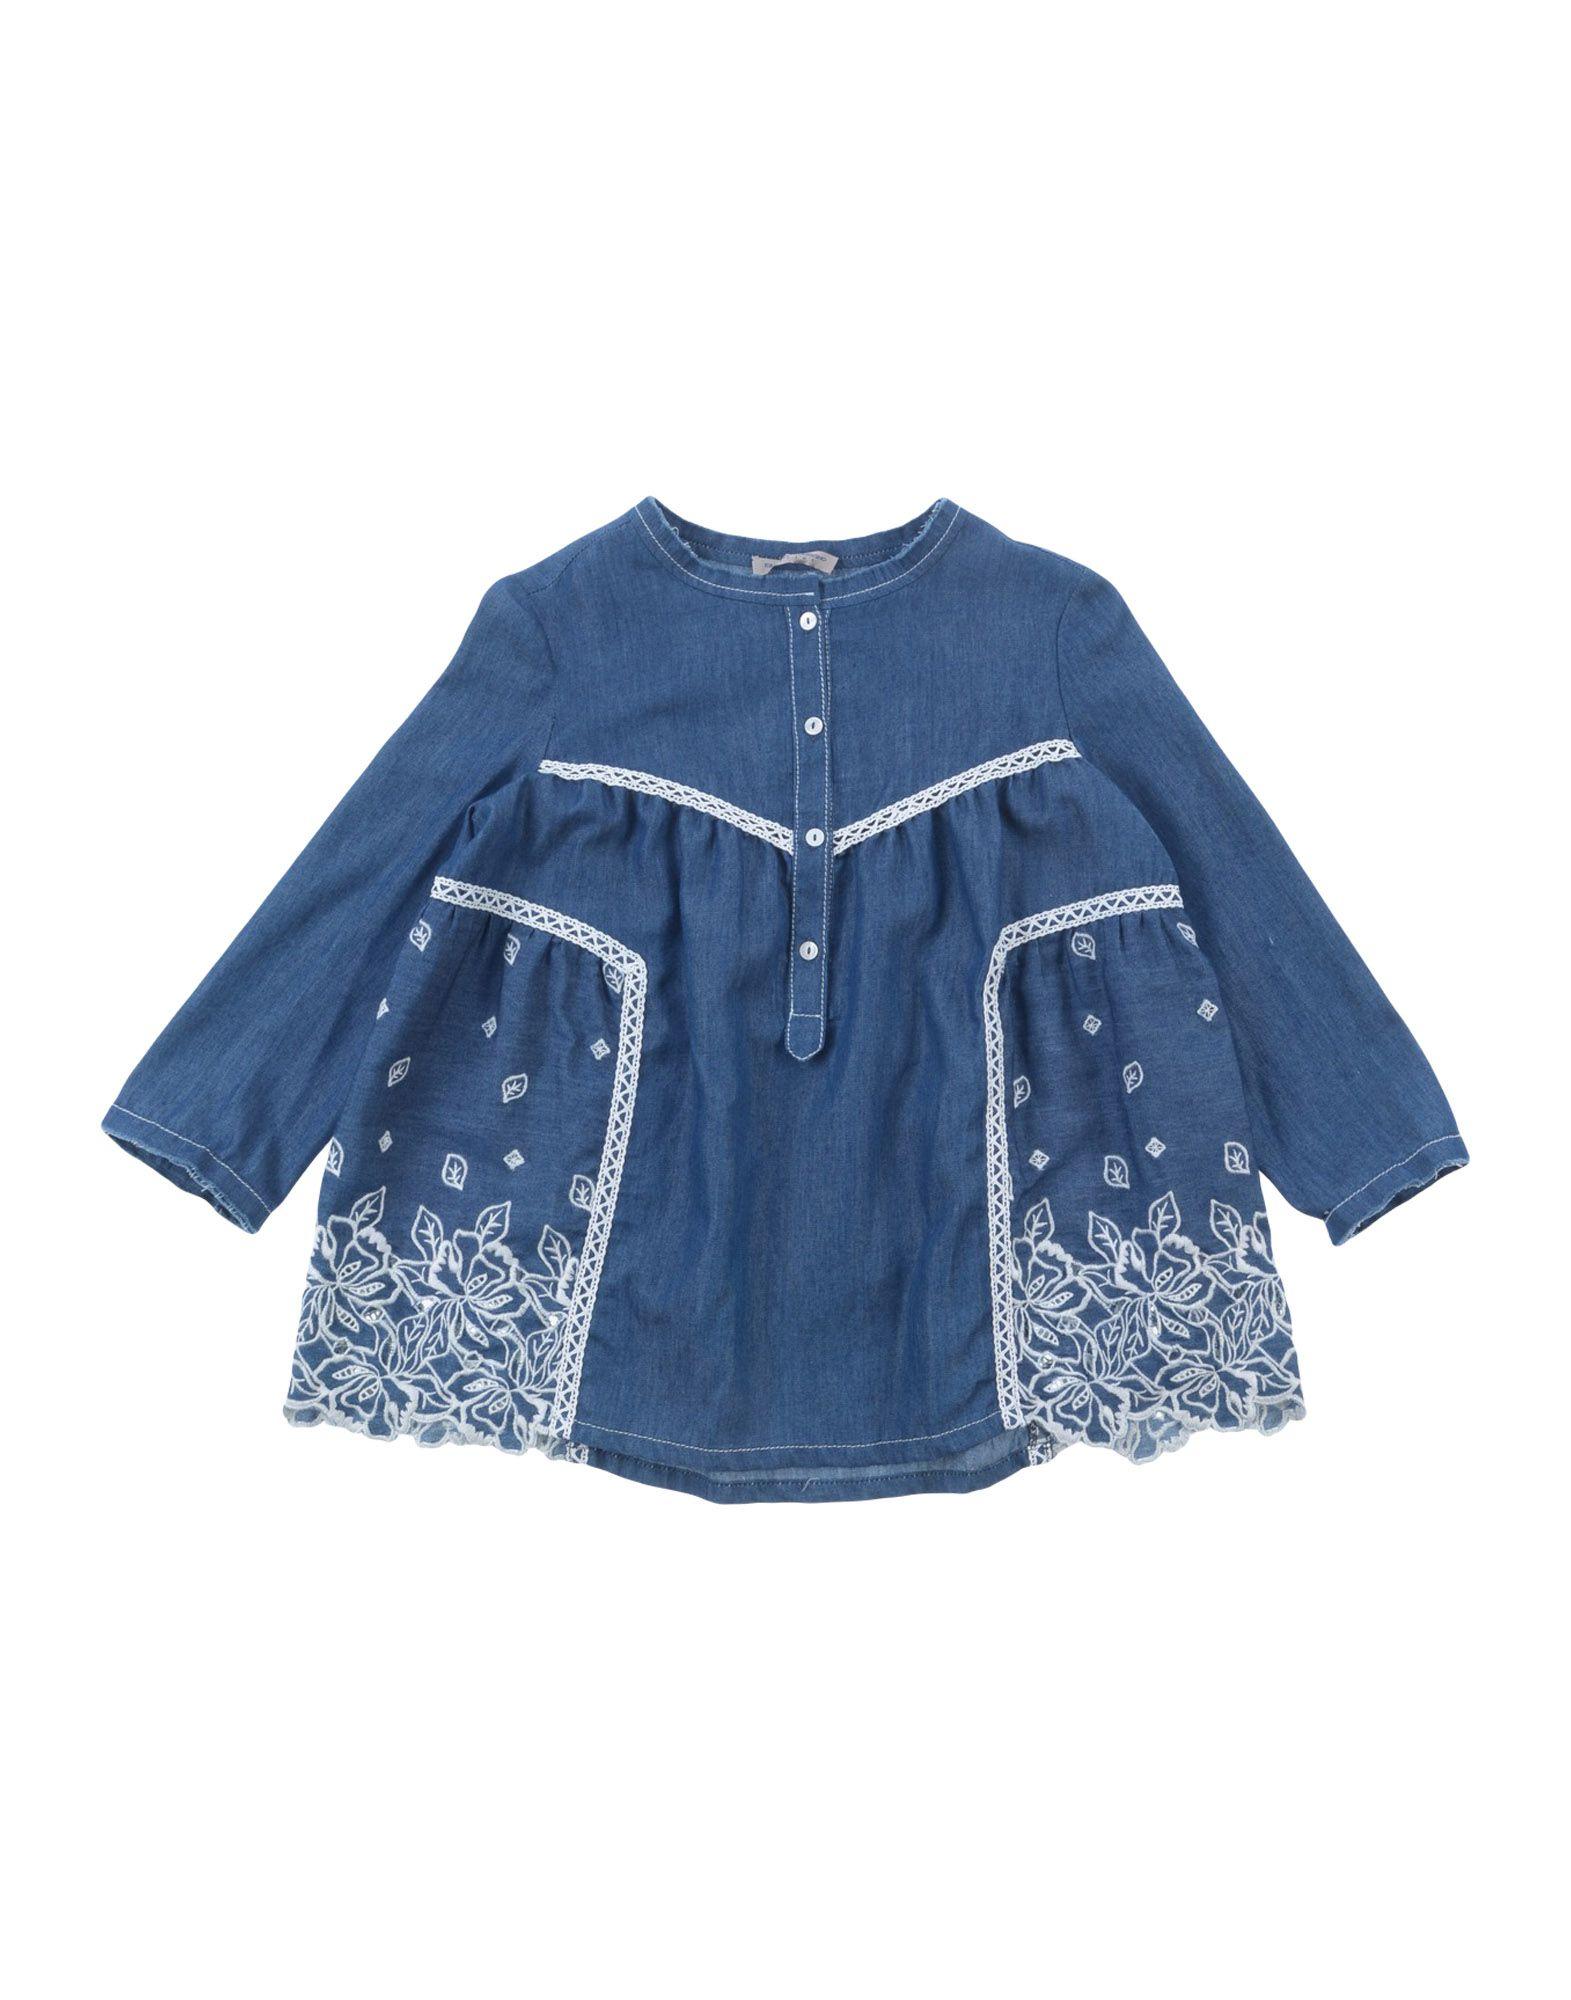 ERMANNO SCERVINO JUNIOR Джинсовая рубашка junior republic junior republic рубашка в мелкую полоску голубая